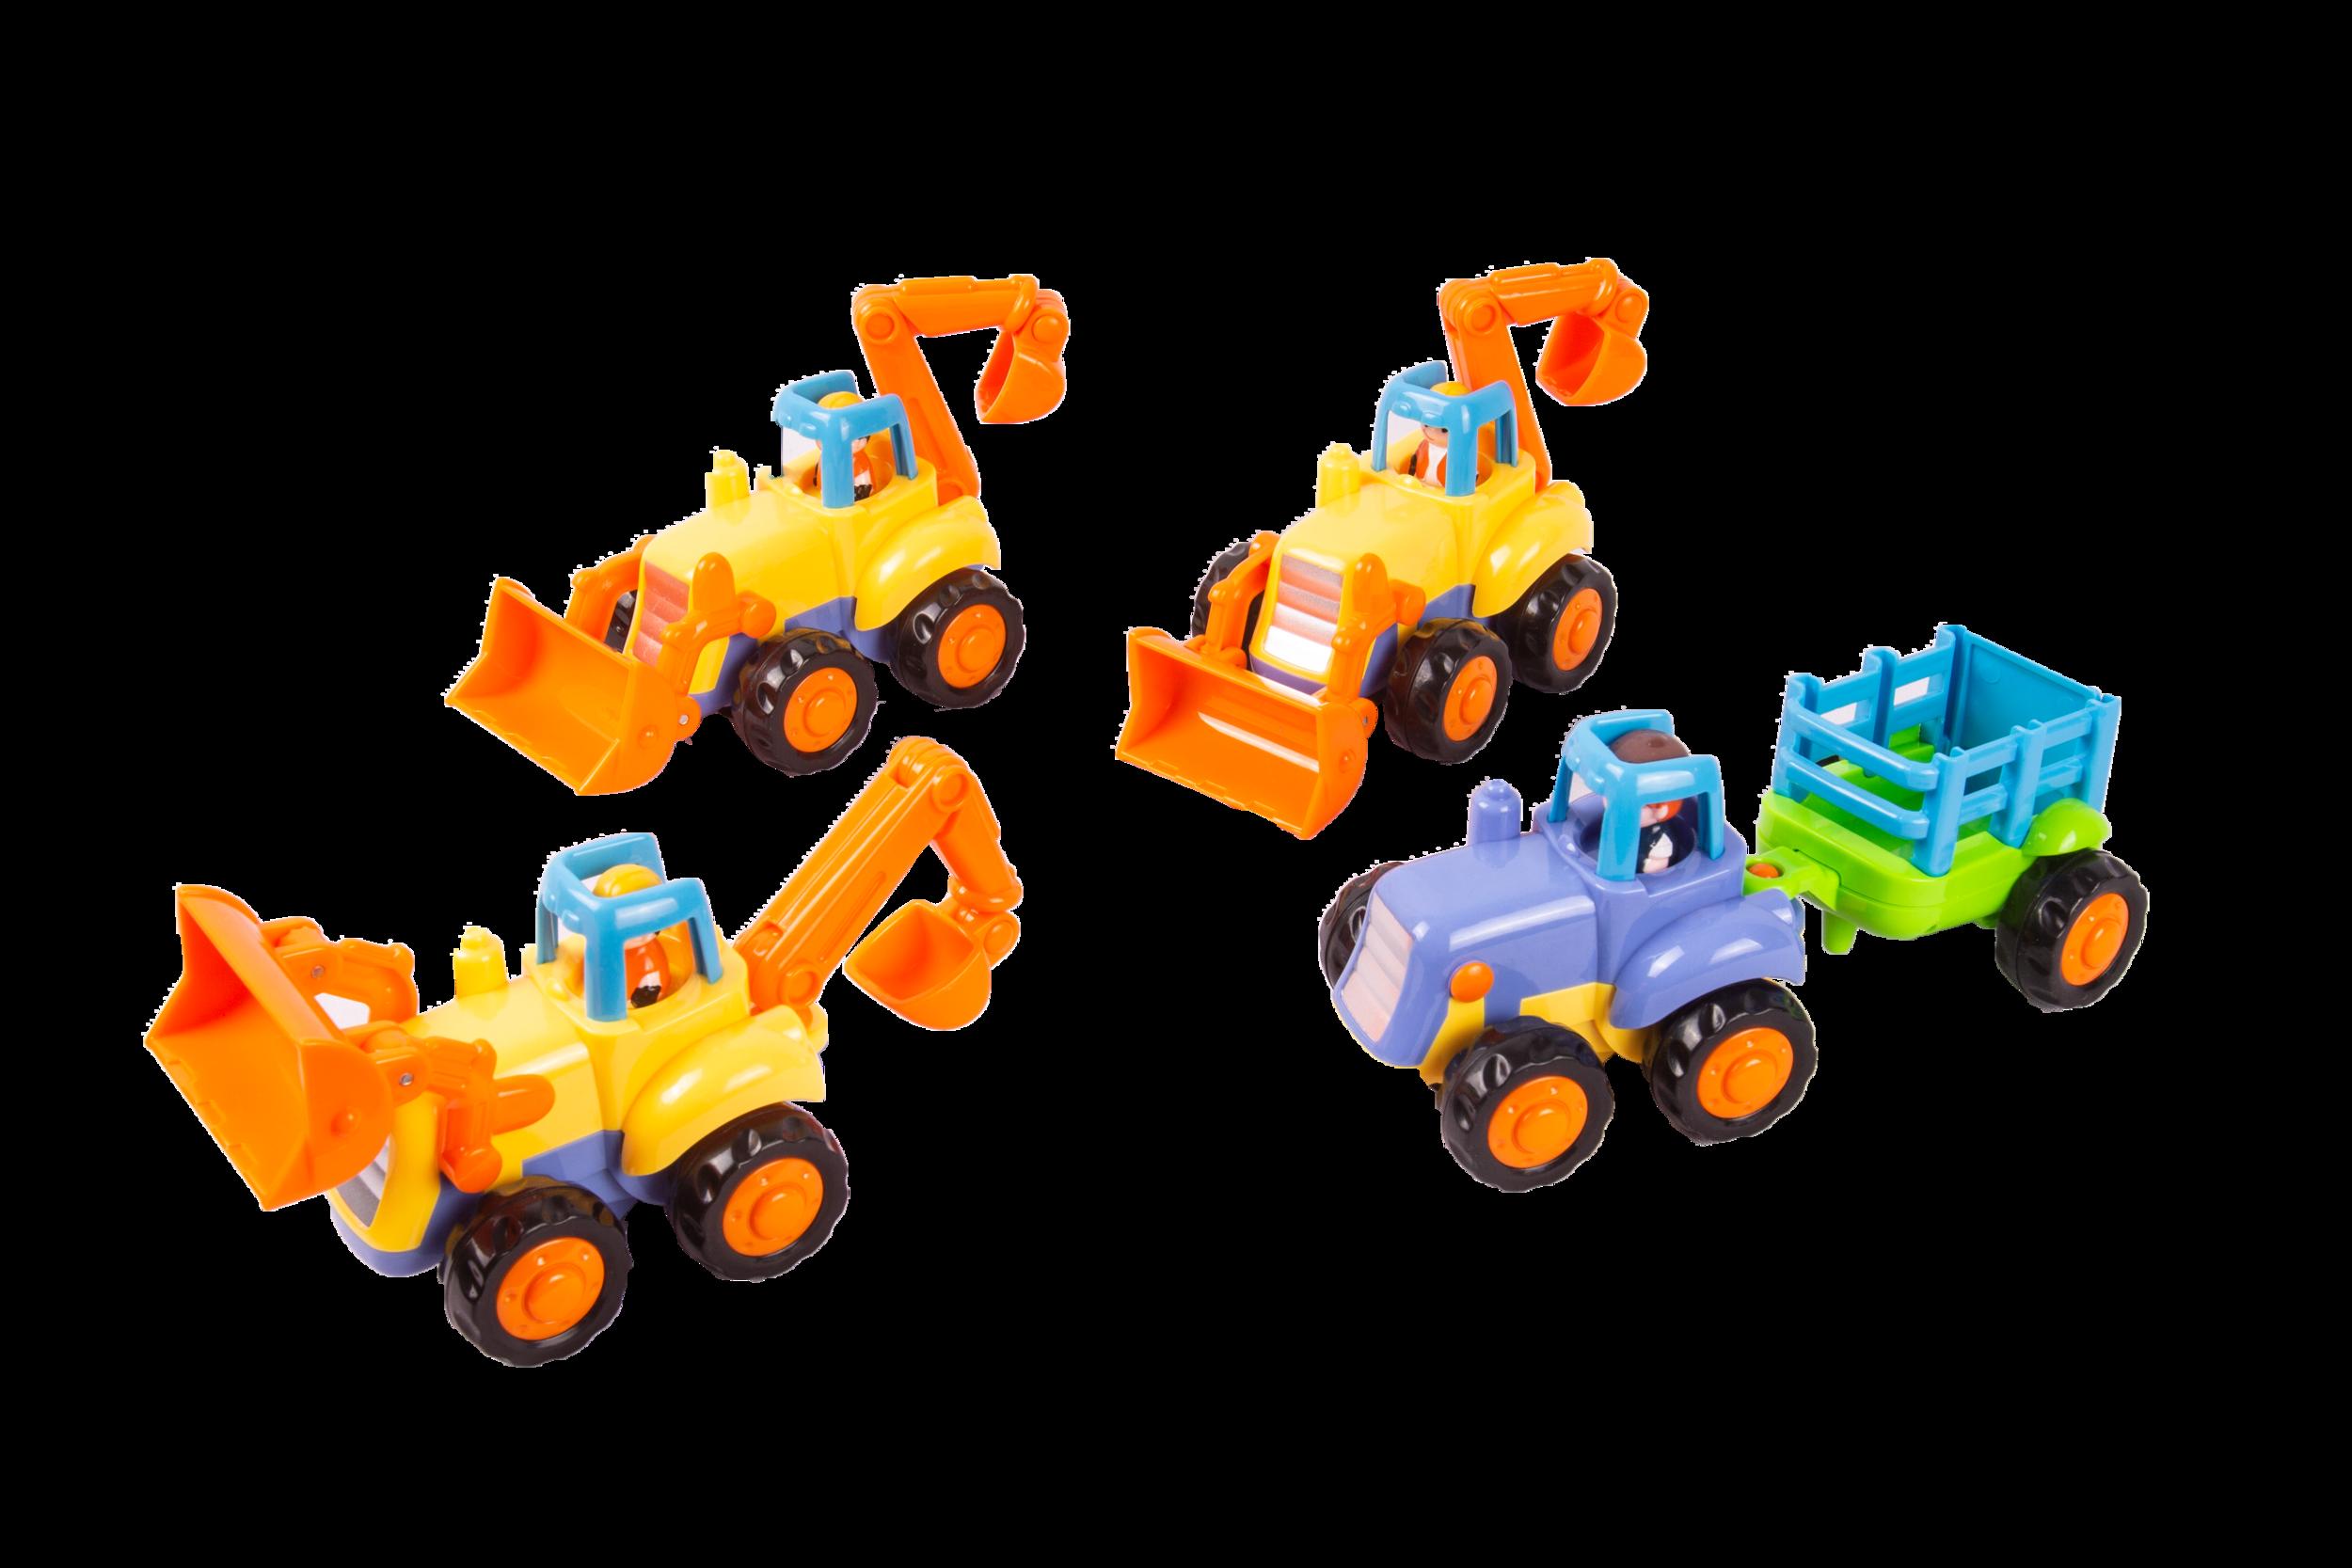 Vehículos Rurales, Construcción - Código: 326 AB